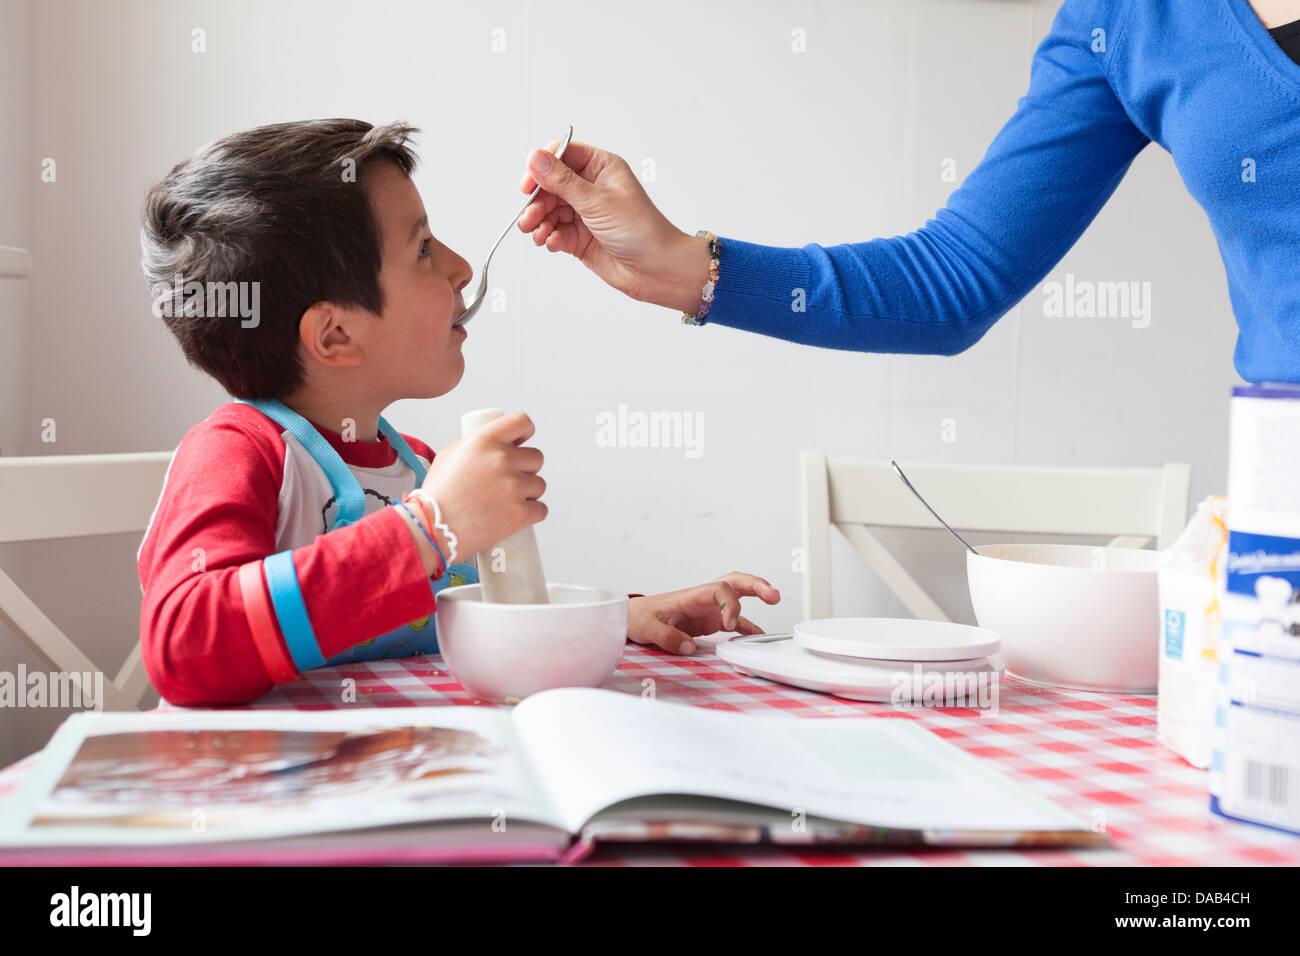 Mère et fils ensemble cuisine-dégustation alimentaire Photo Stock